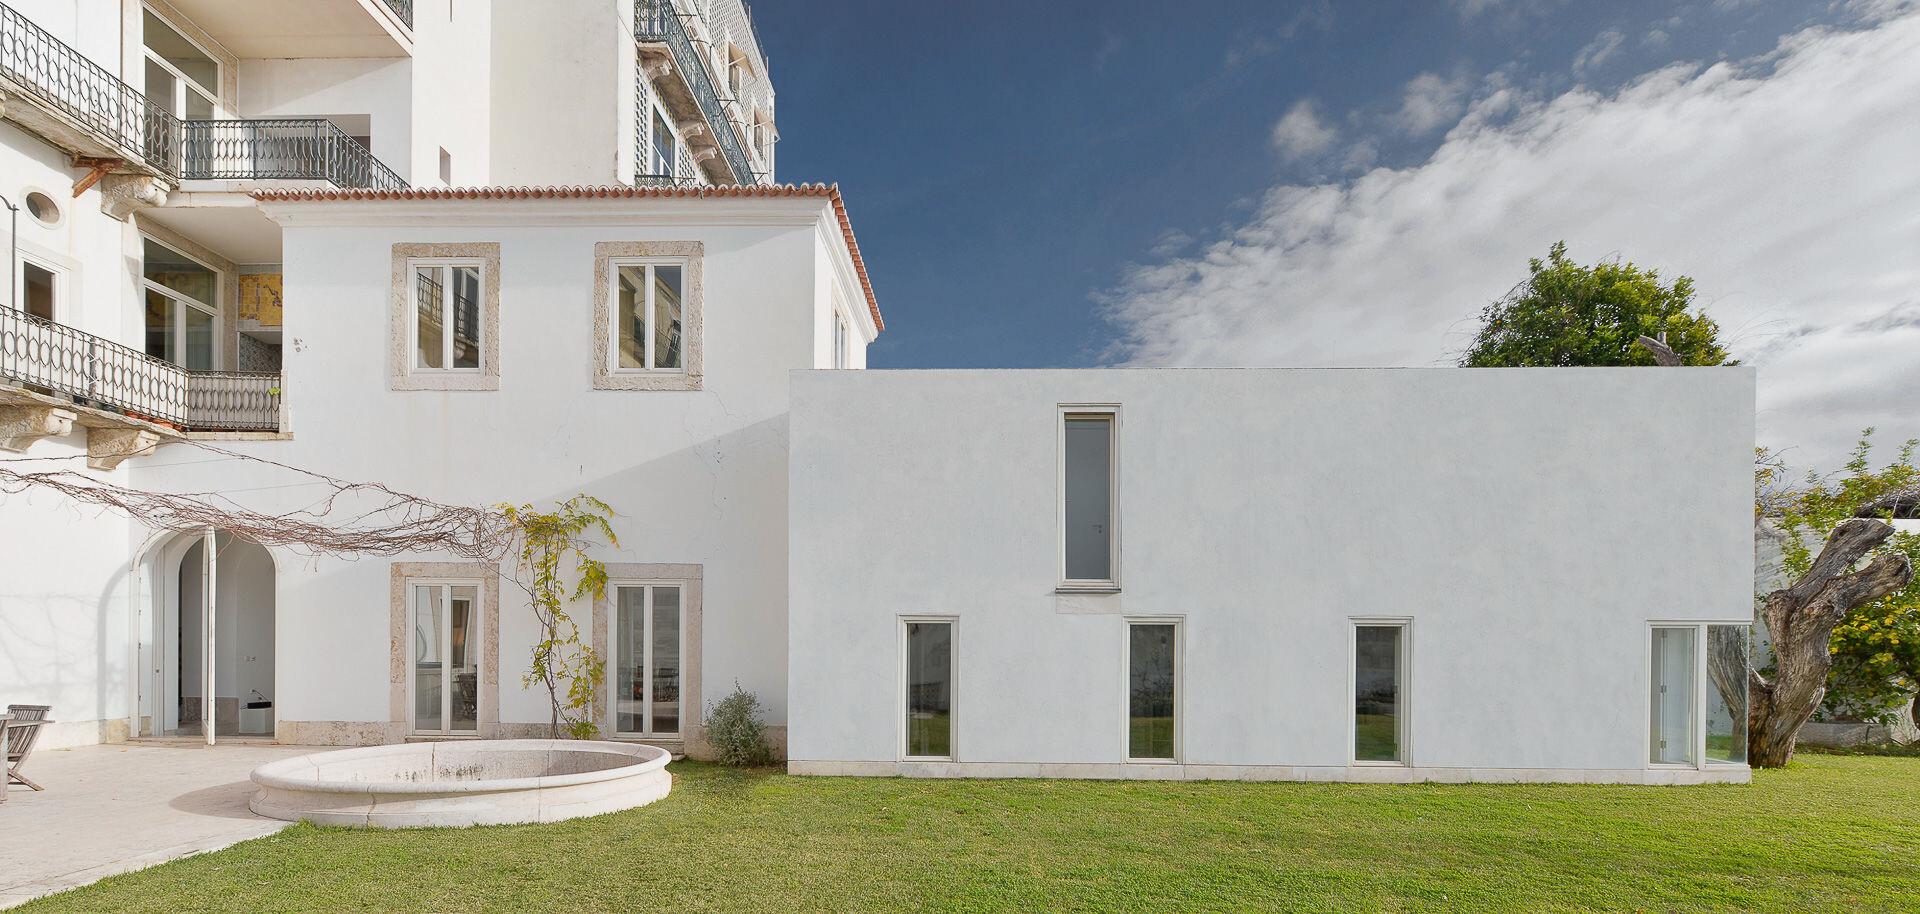 House in Rua de São Mamede